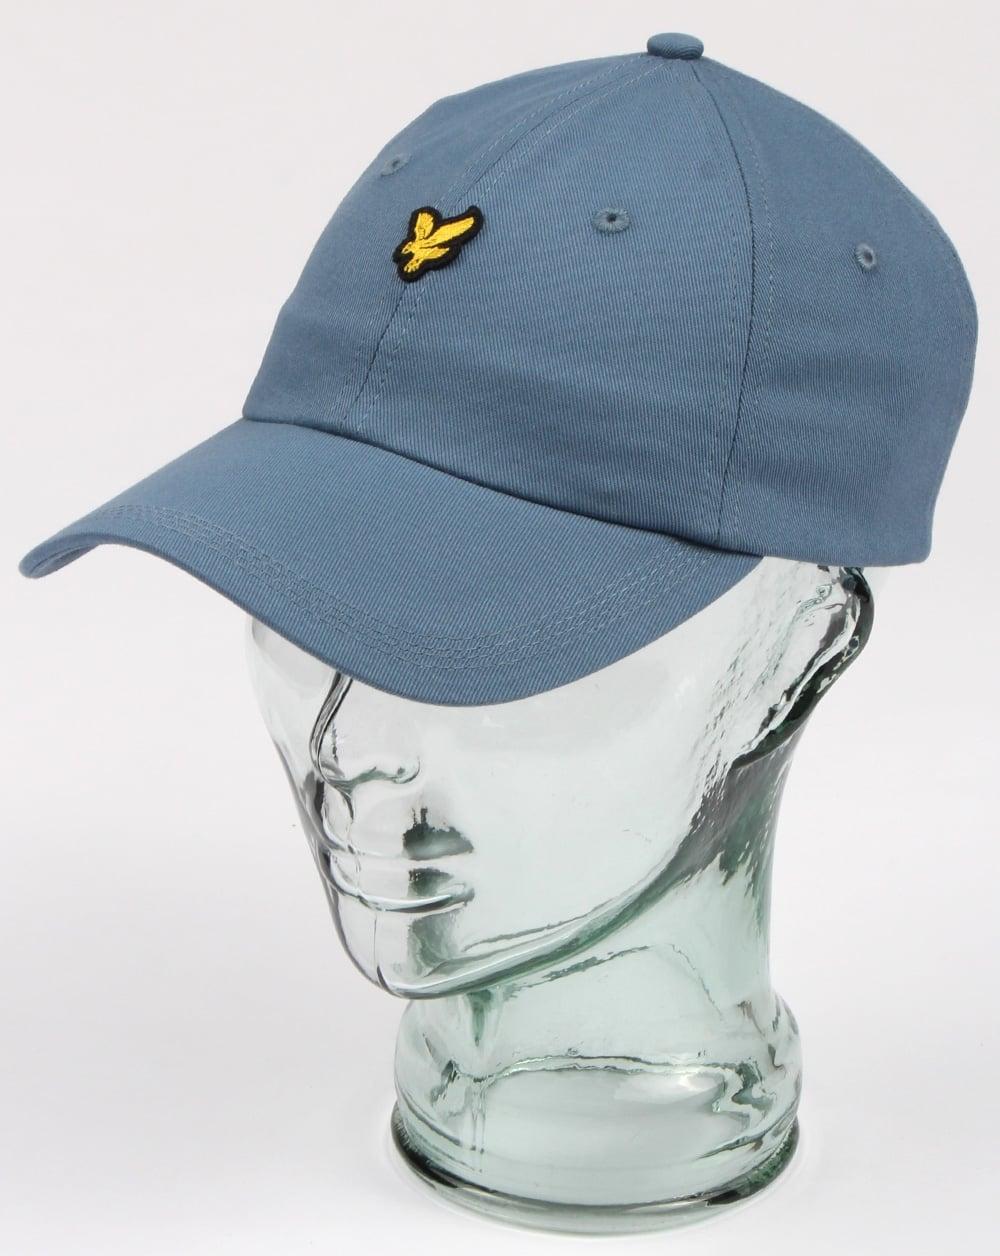 3caf68052e66 Lyle And Scott Baseball Cap Mist Blue, Mens, Hat, Cotton, Adjustable